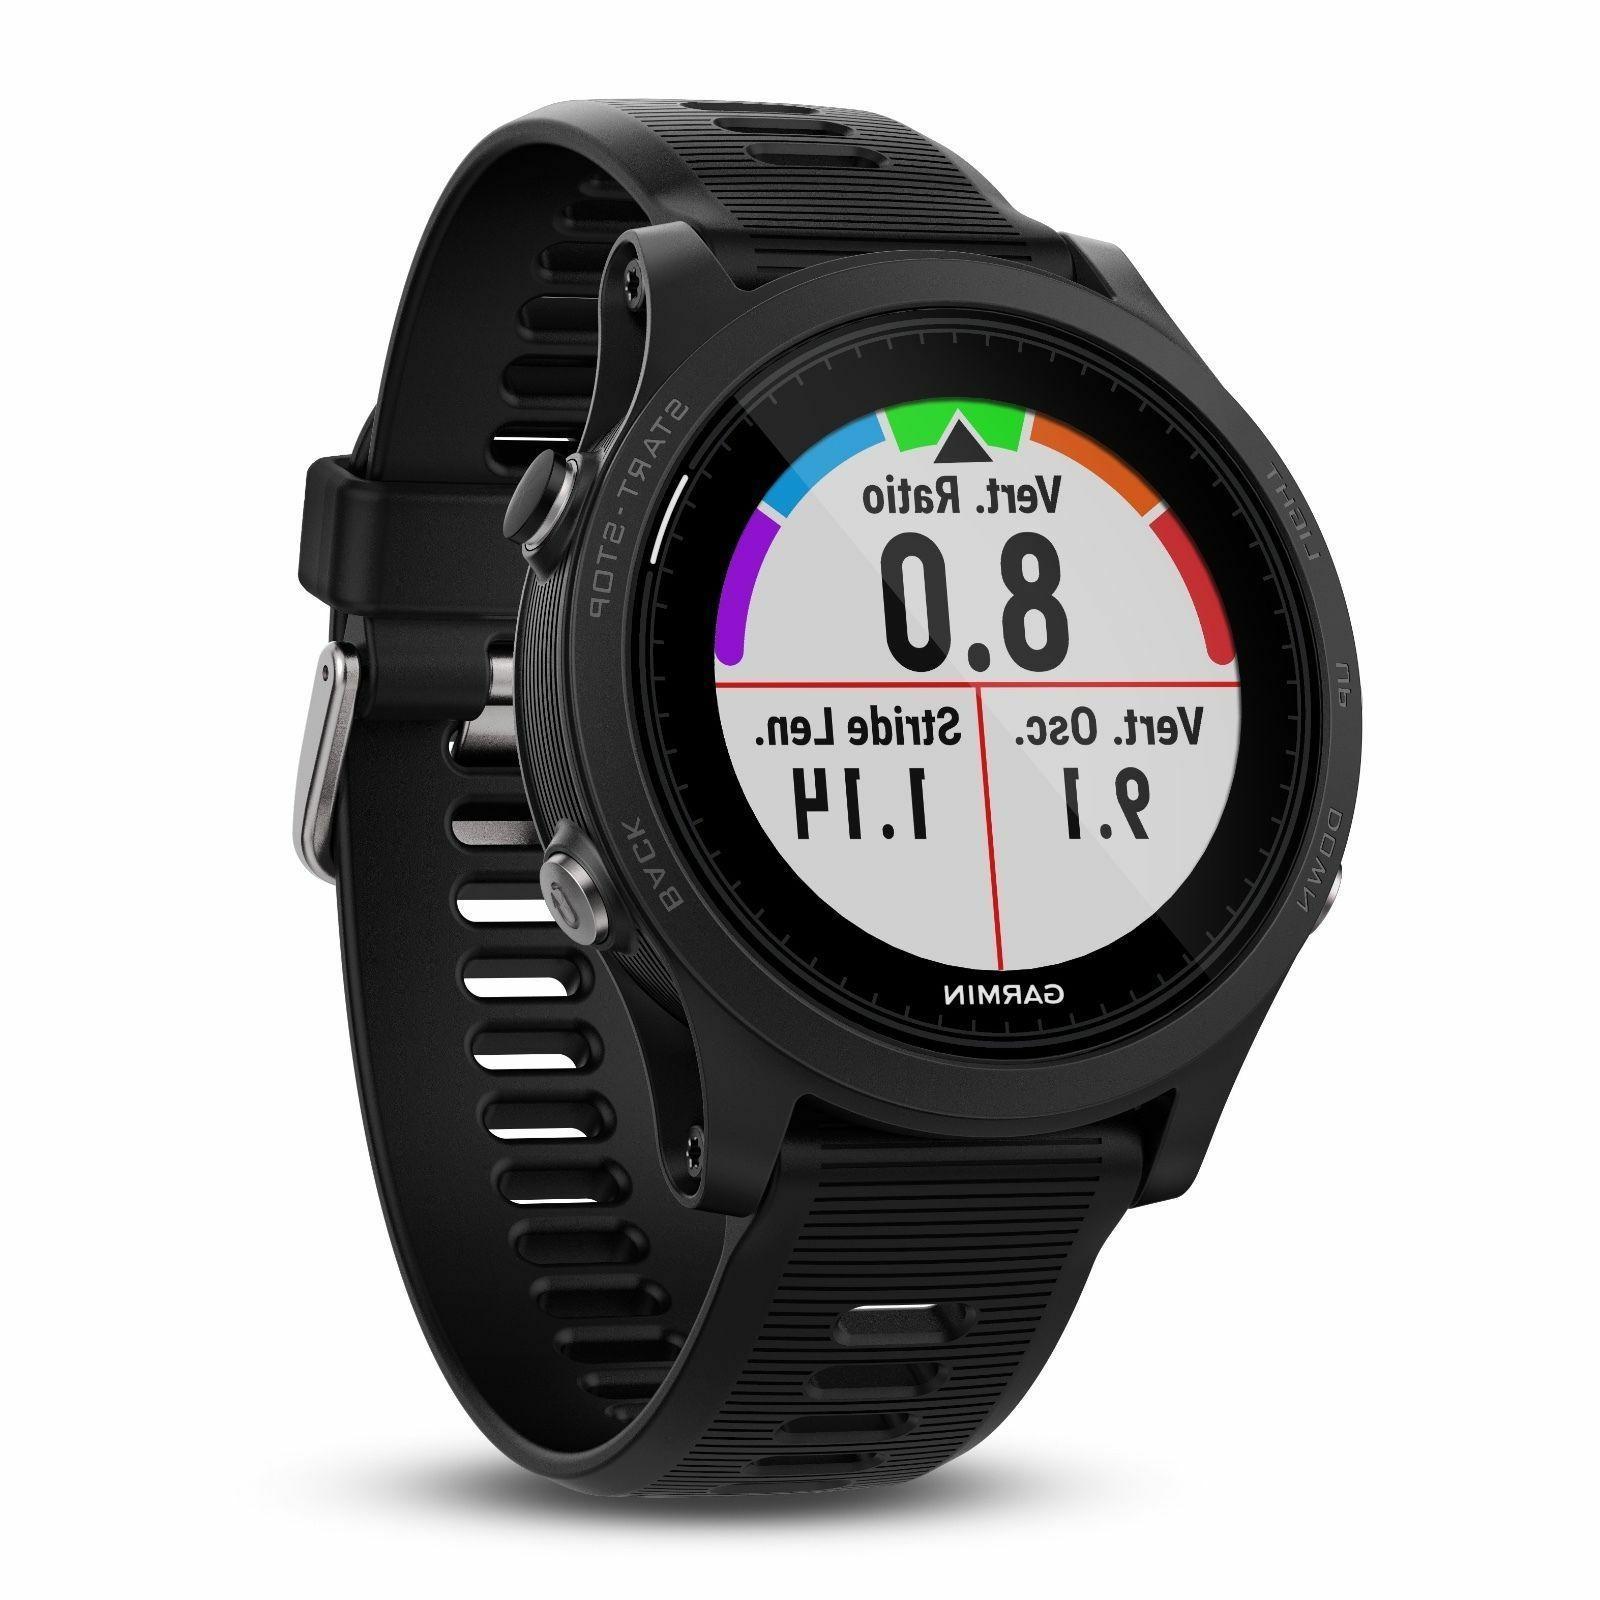 New Garmin Forerunner 935 Black GPS Triathlon Watch